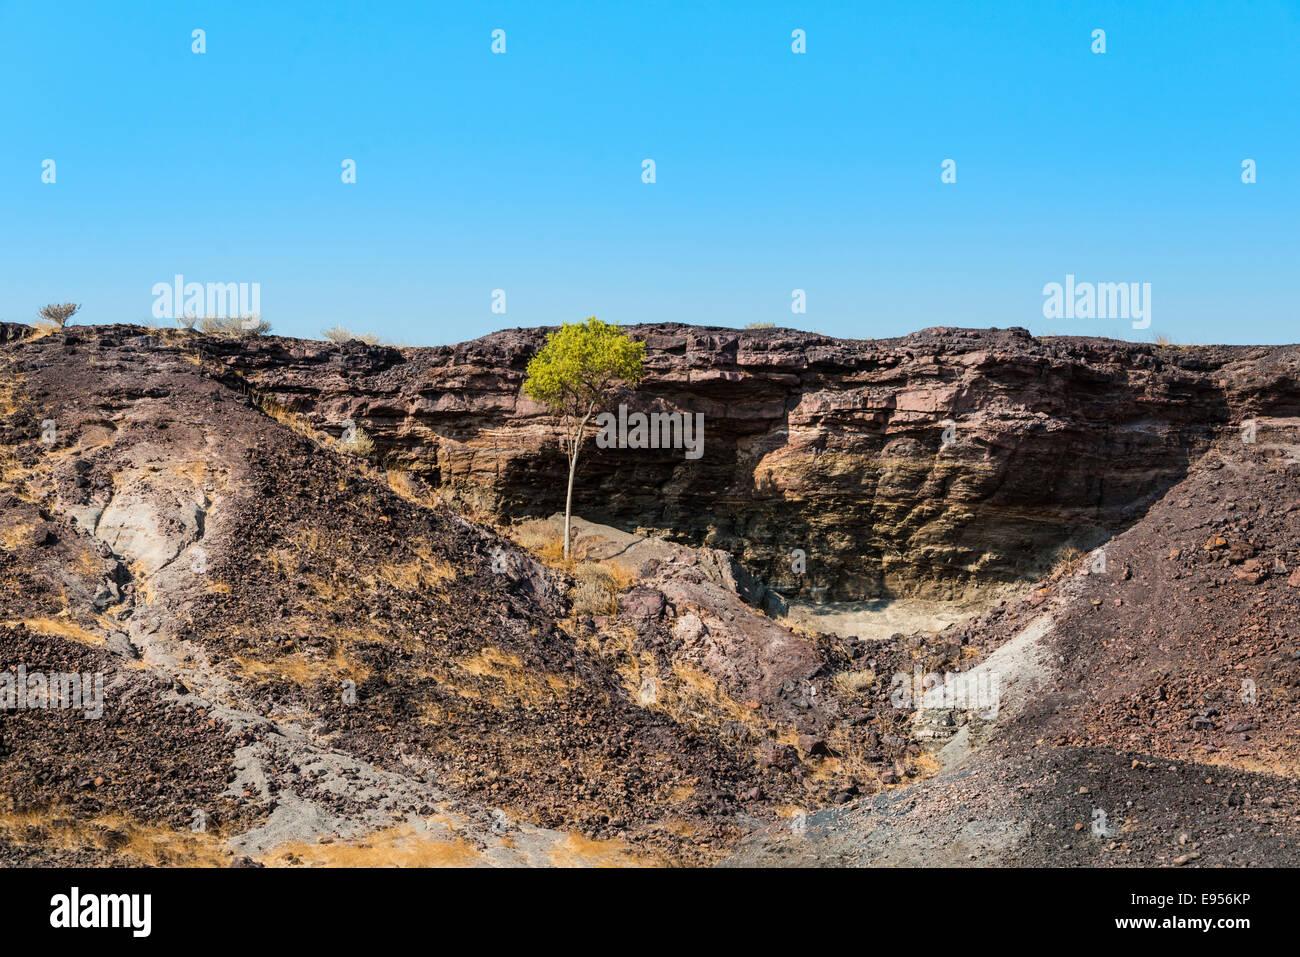 Burnt Mountain, Damaraland, Namibia - Stock Image